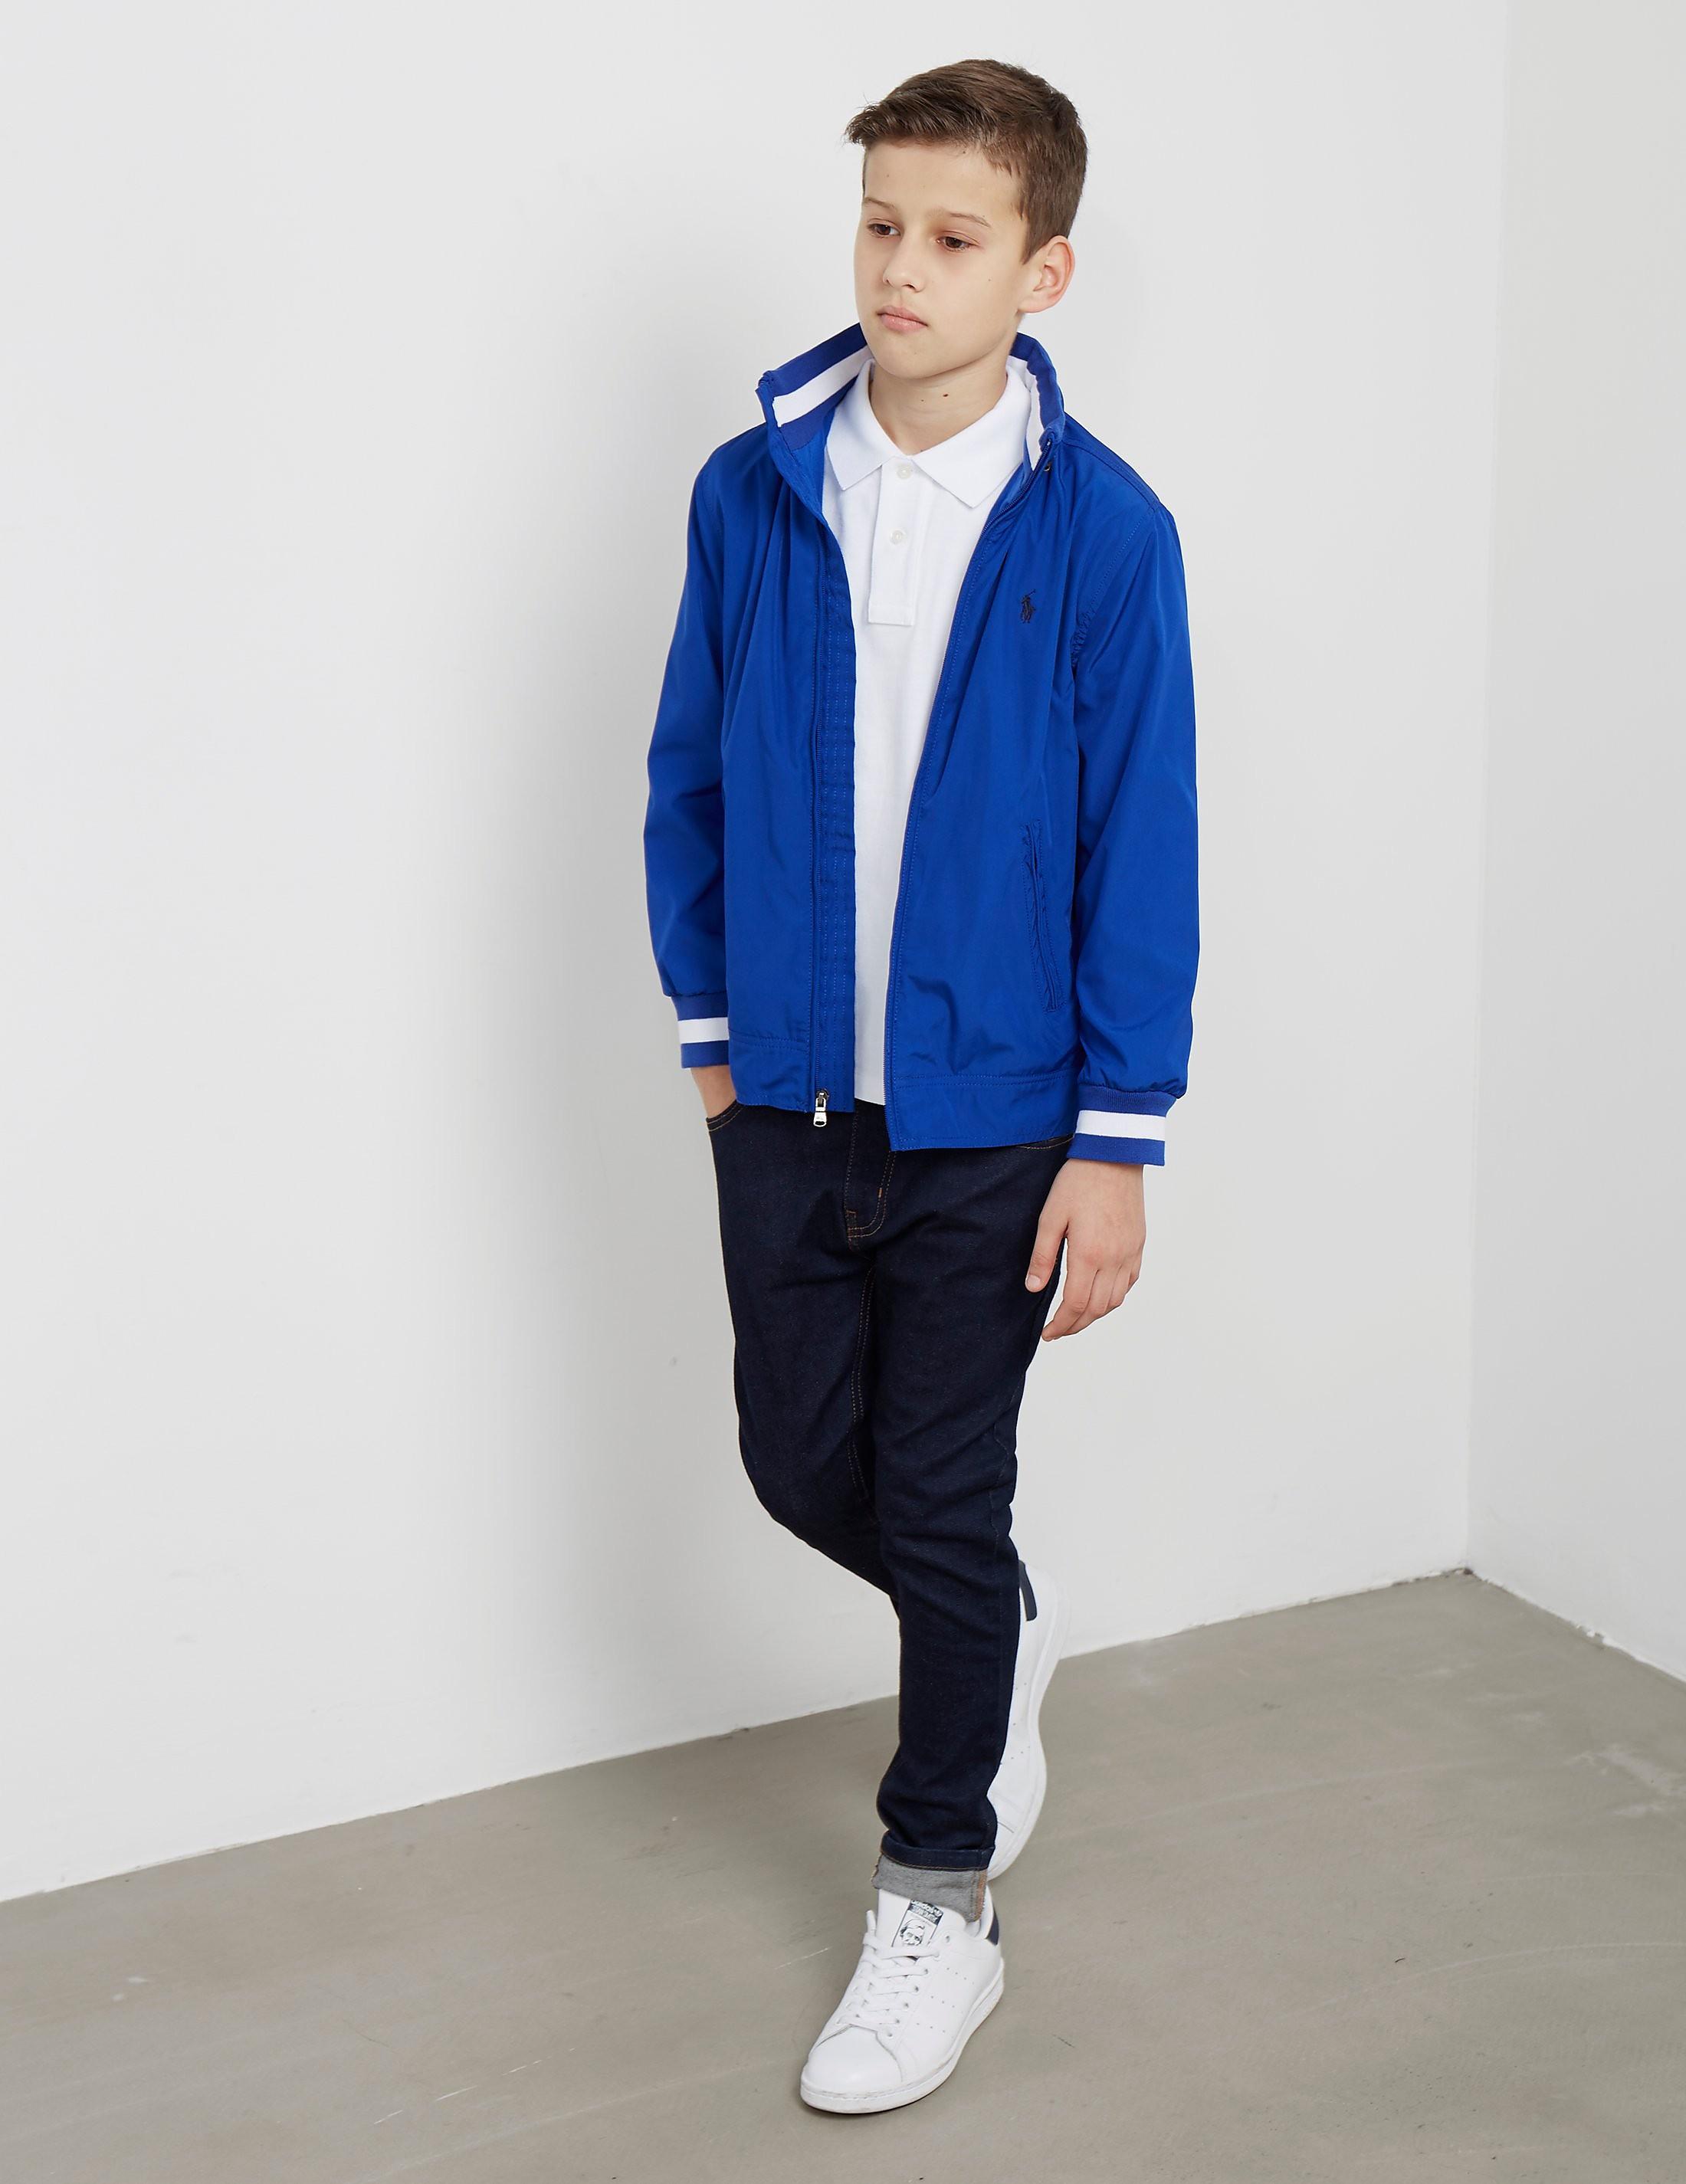 Polo Ralph Lauren Anorak Jacket